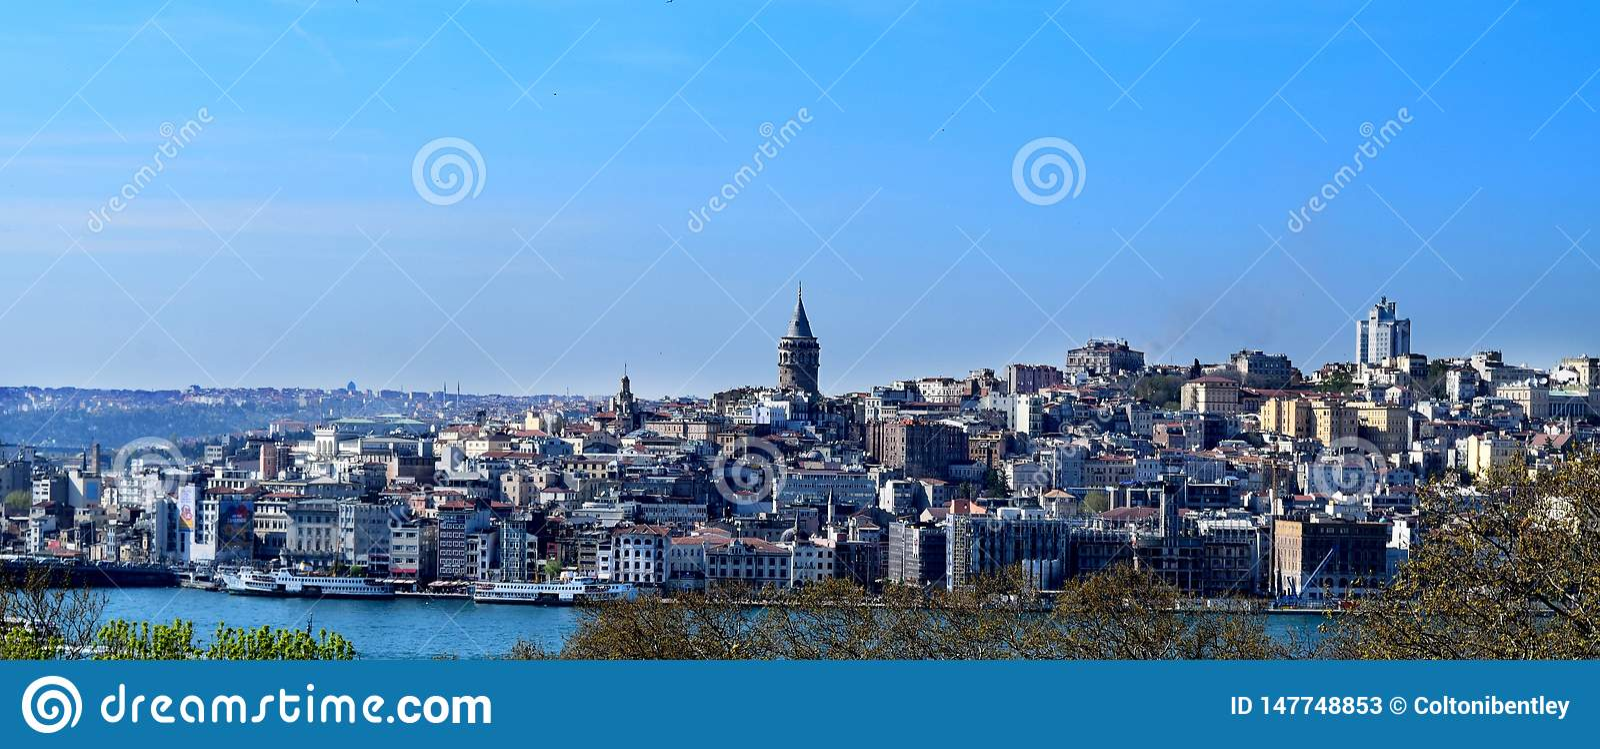 Horizonte de la ciudad del lado europeo de Estambul